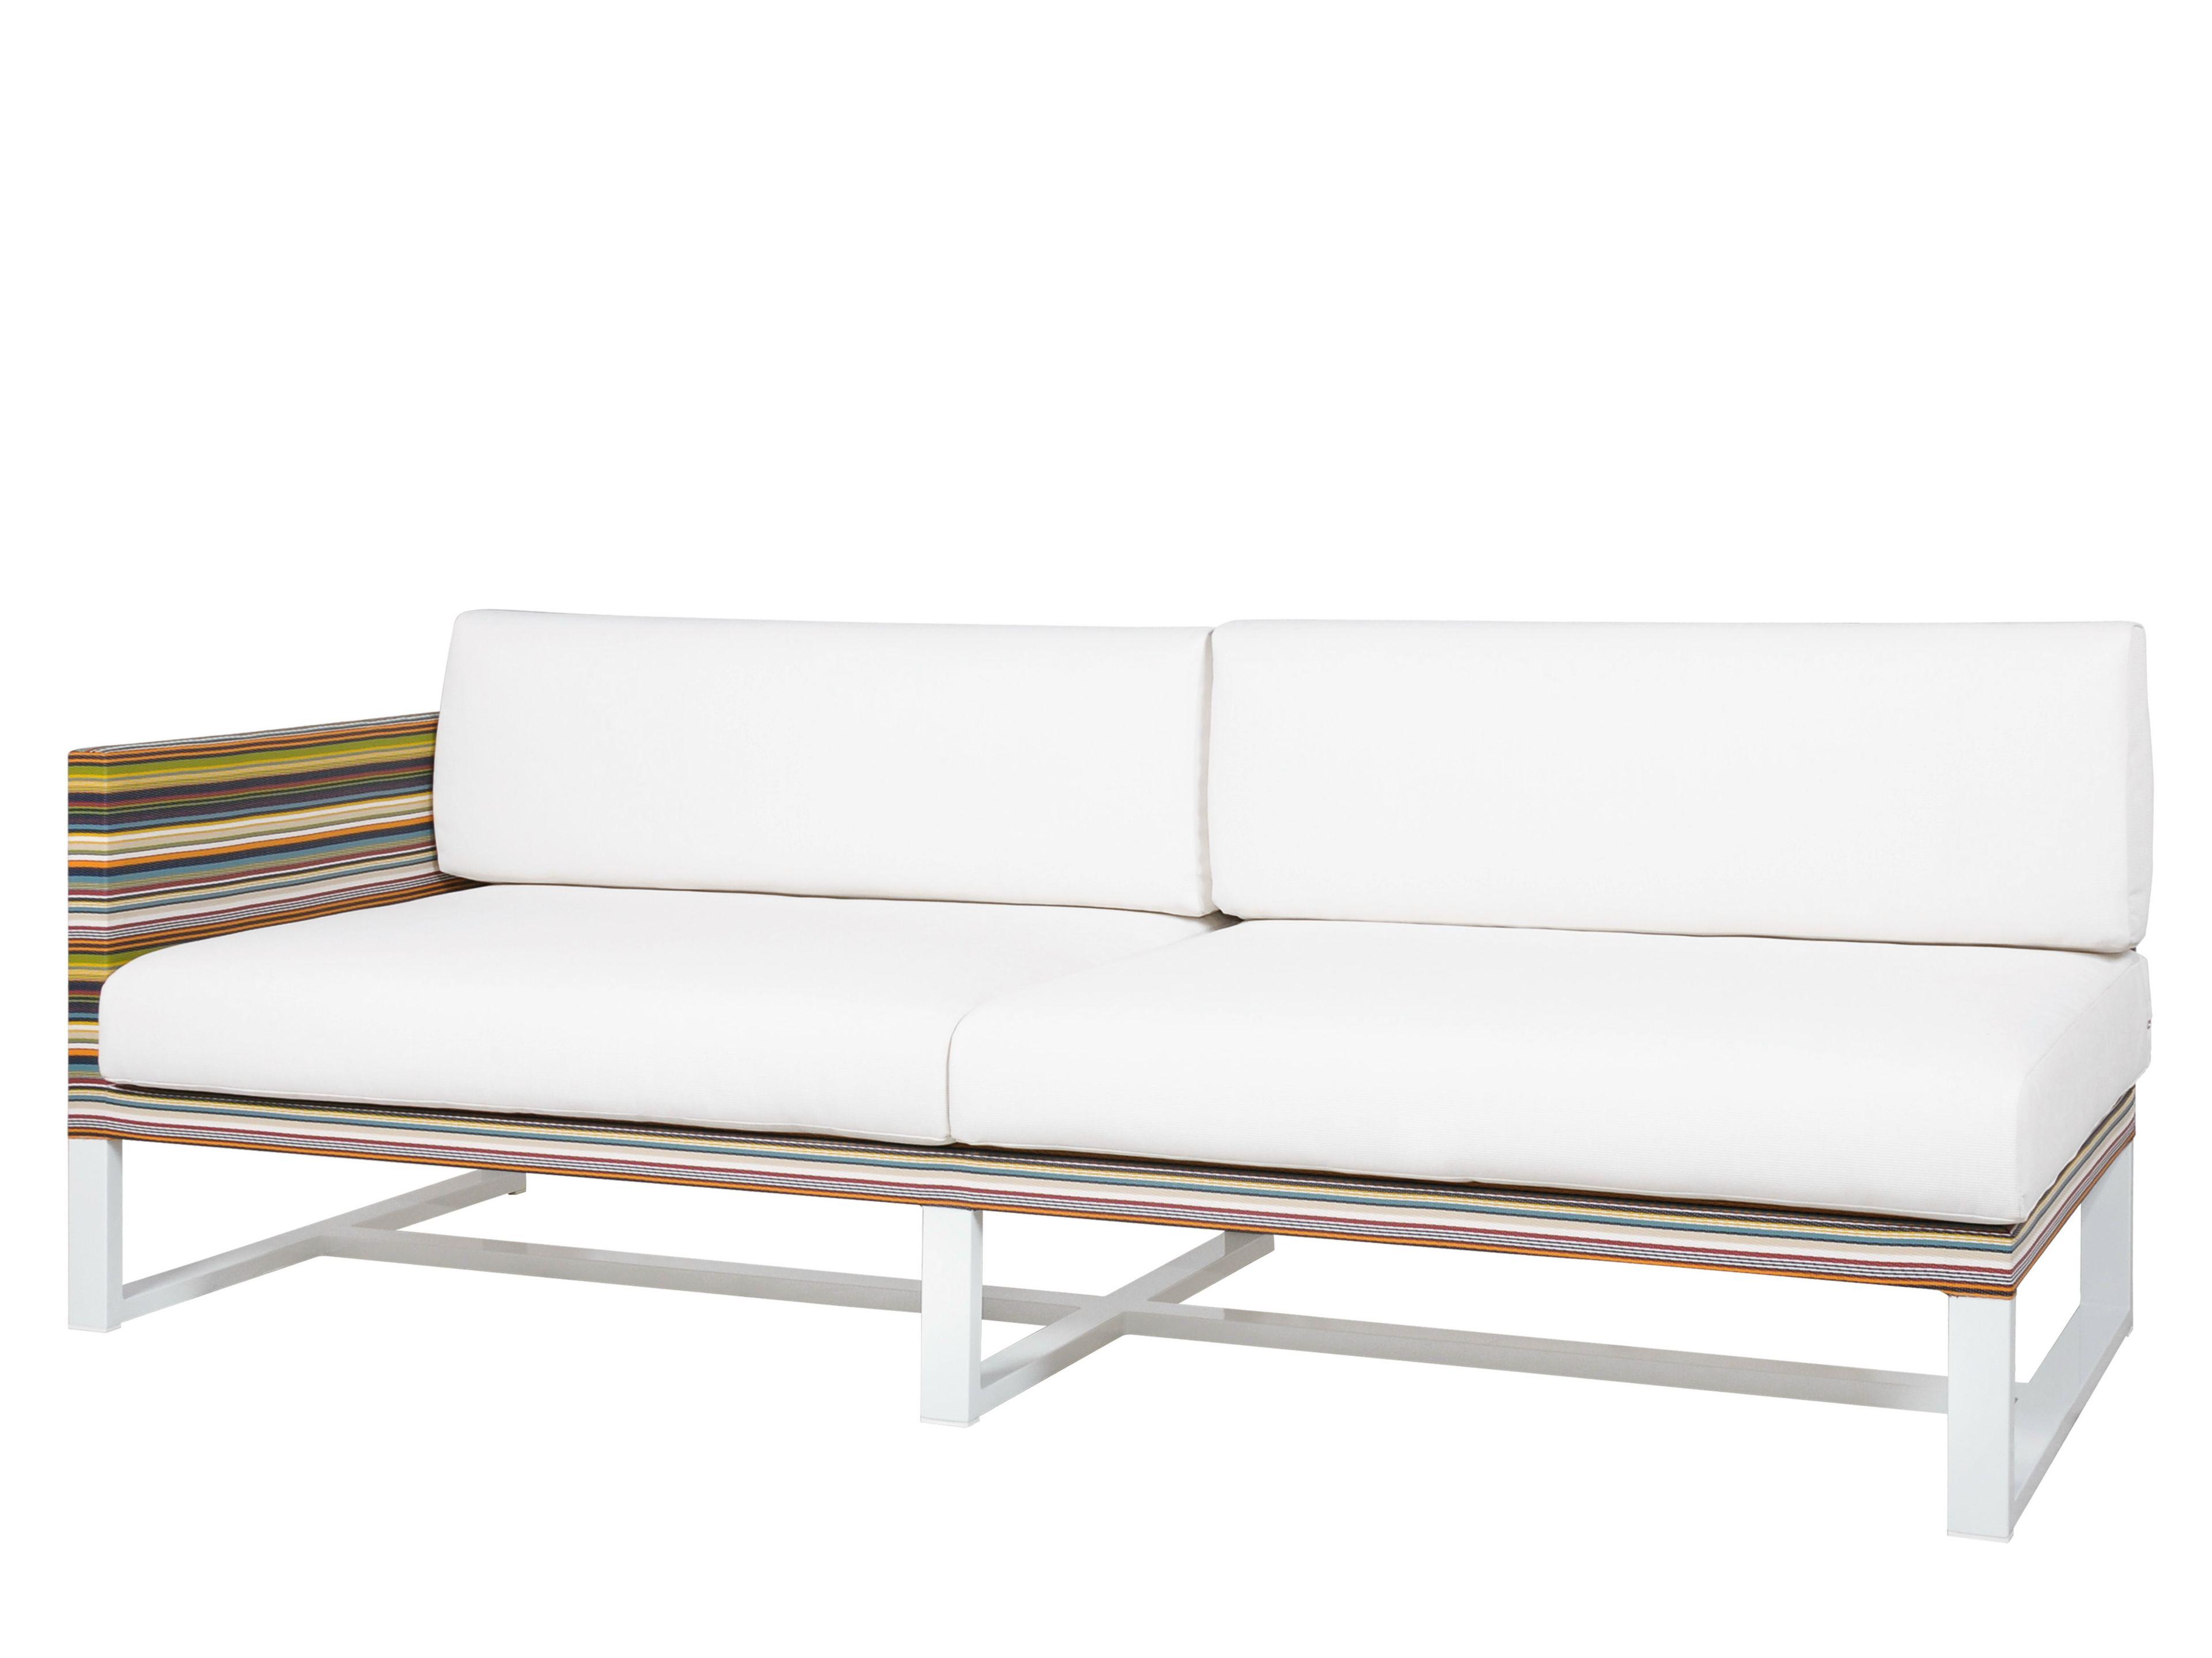 Striped 2 Seater Sofa Prodotti Relfcdaccdaecce